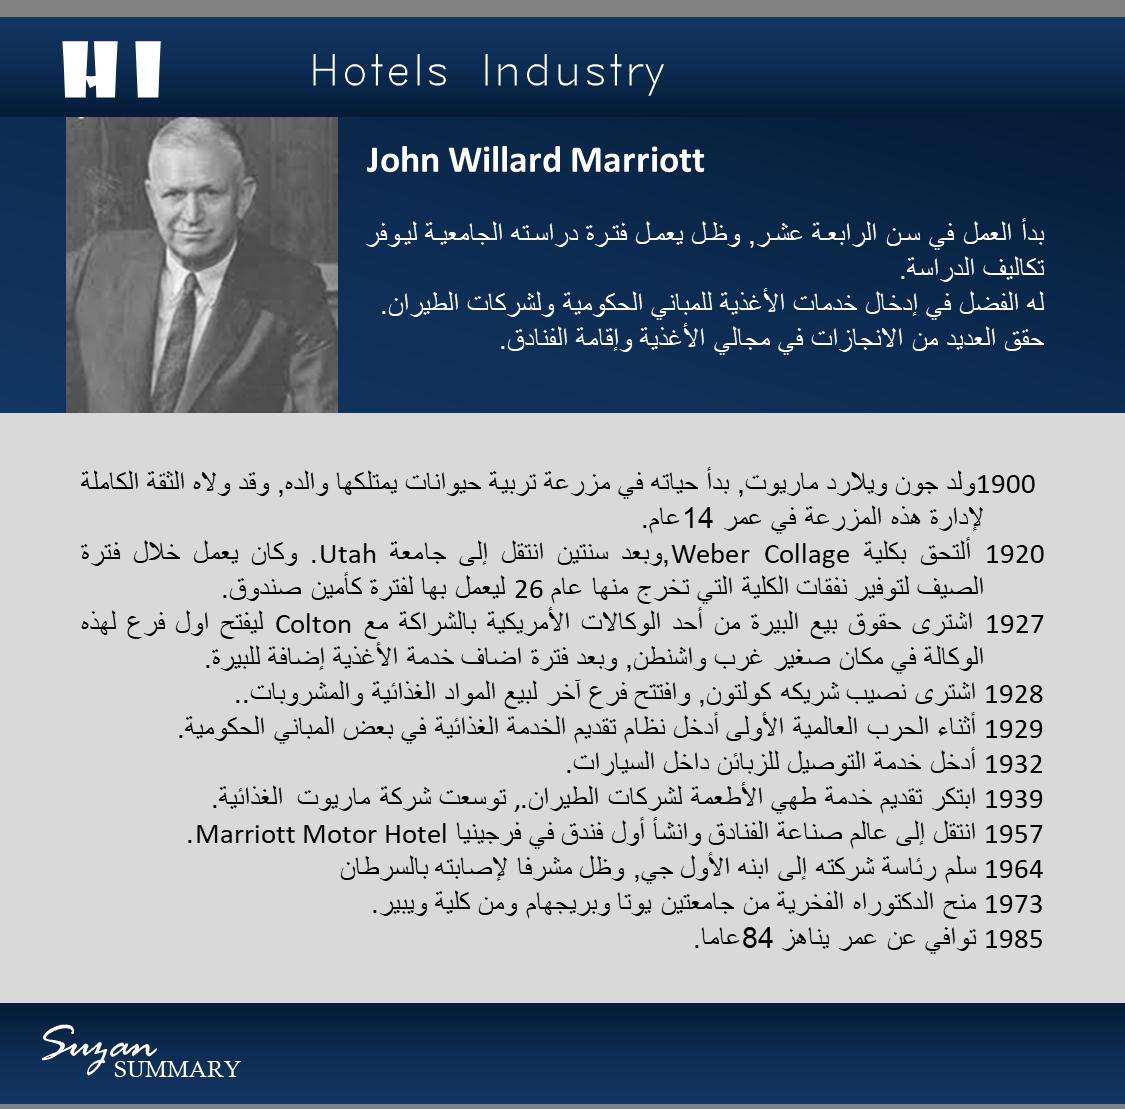 John Marriott